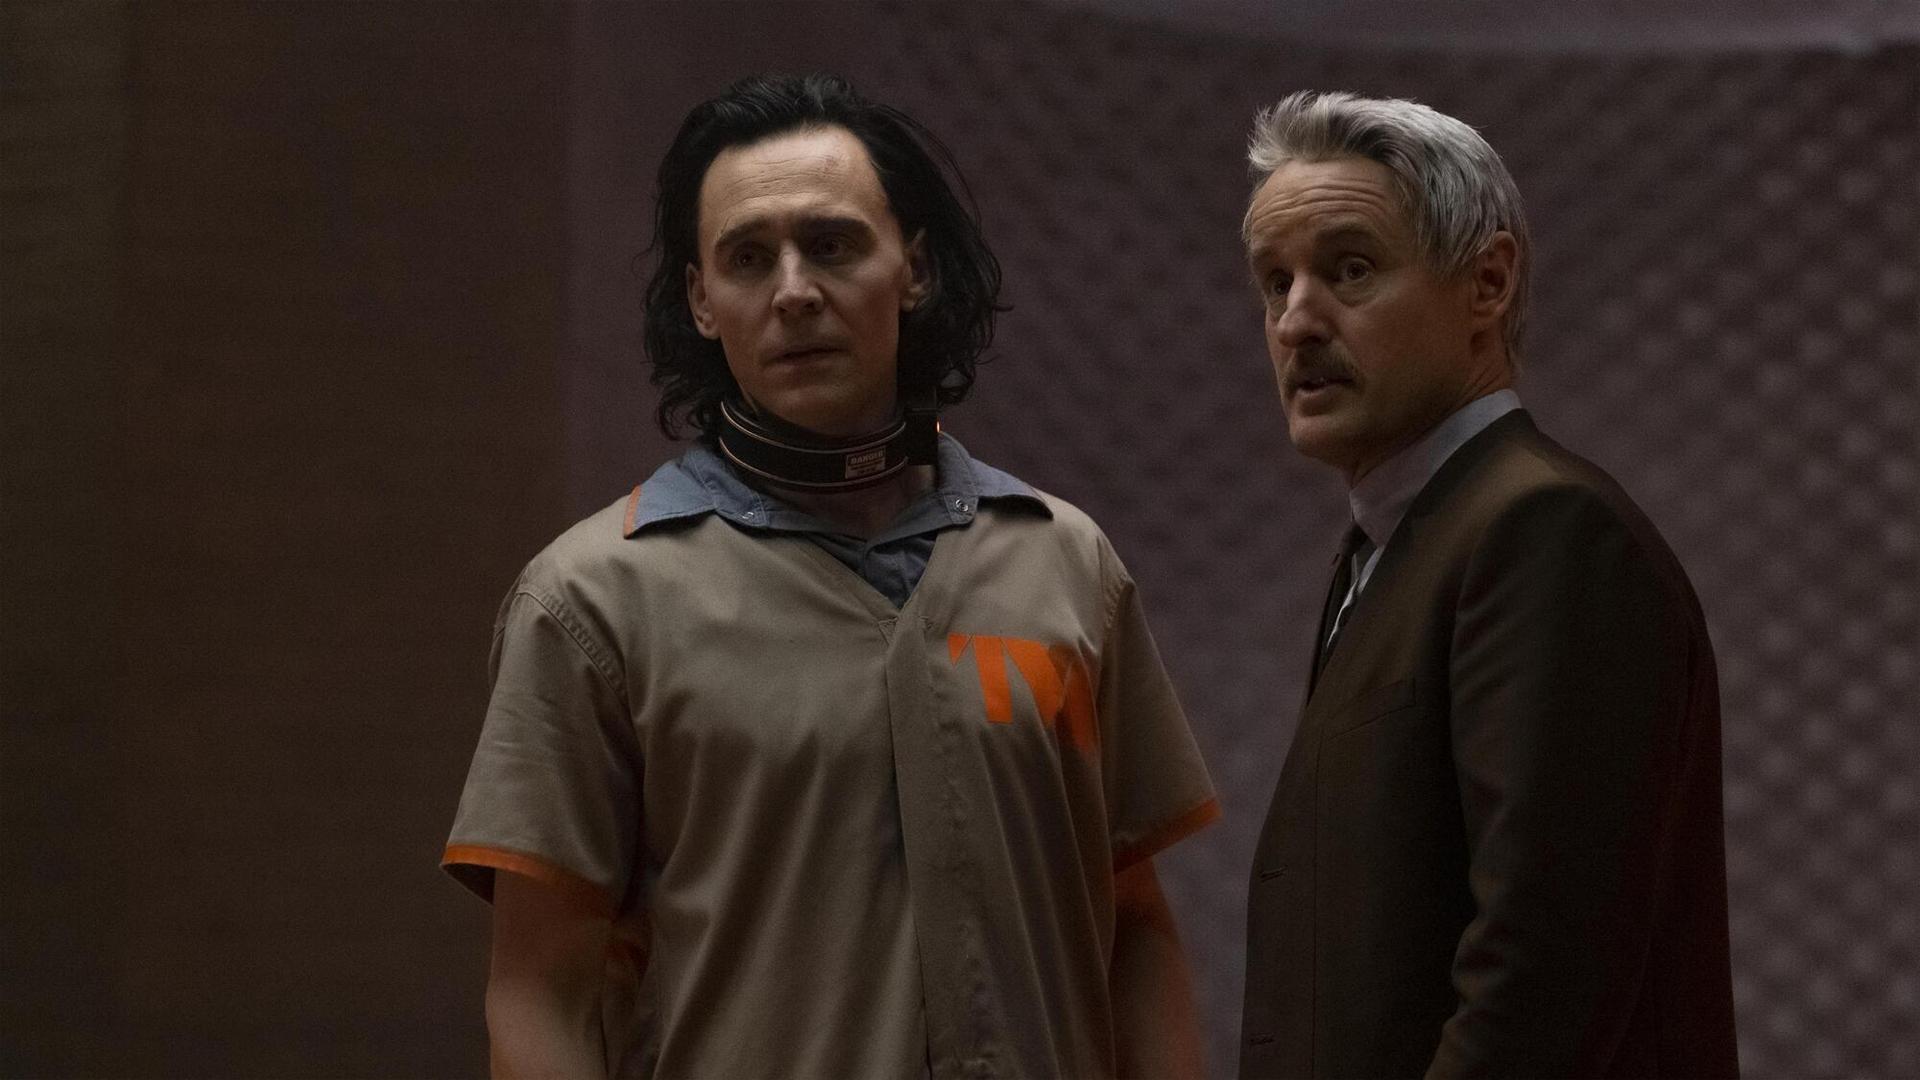 Mobius de Owen Wilson y Loki de Tom Hiddleston lo miran.